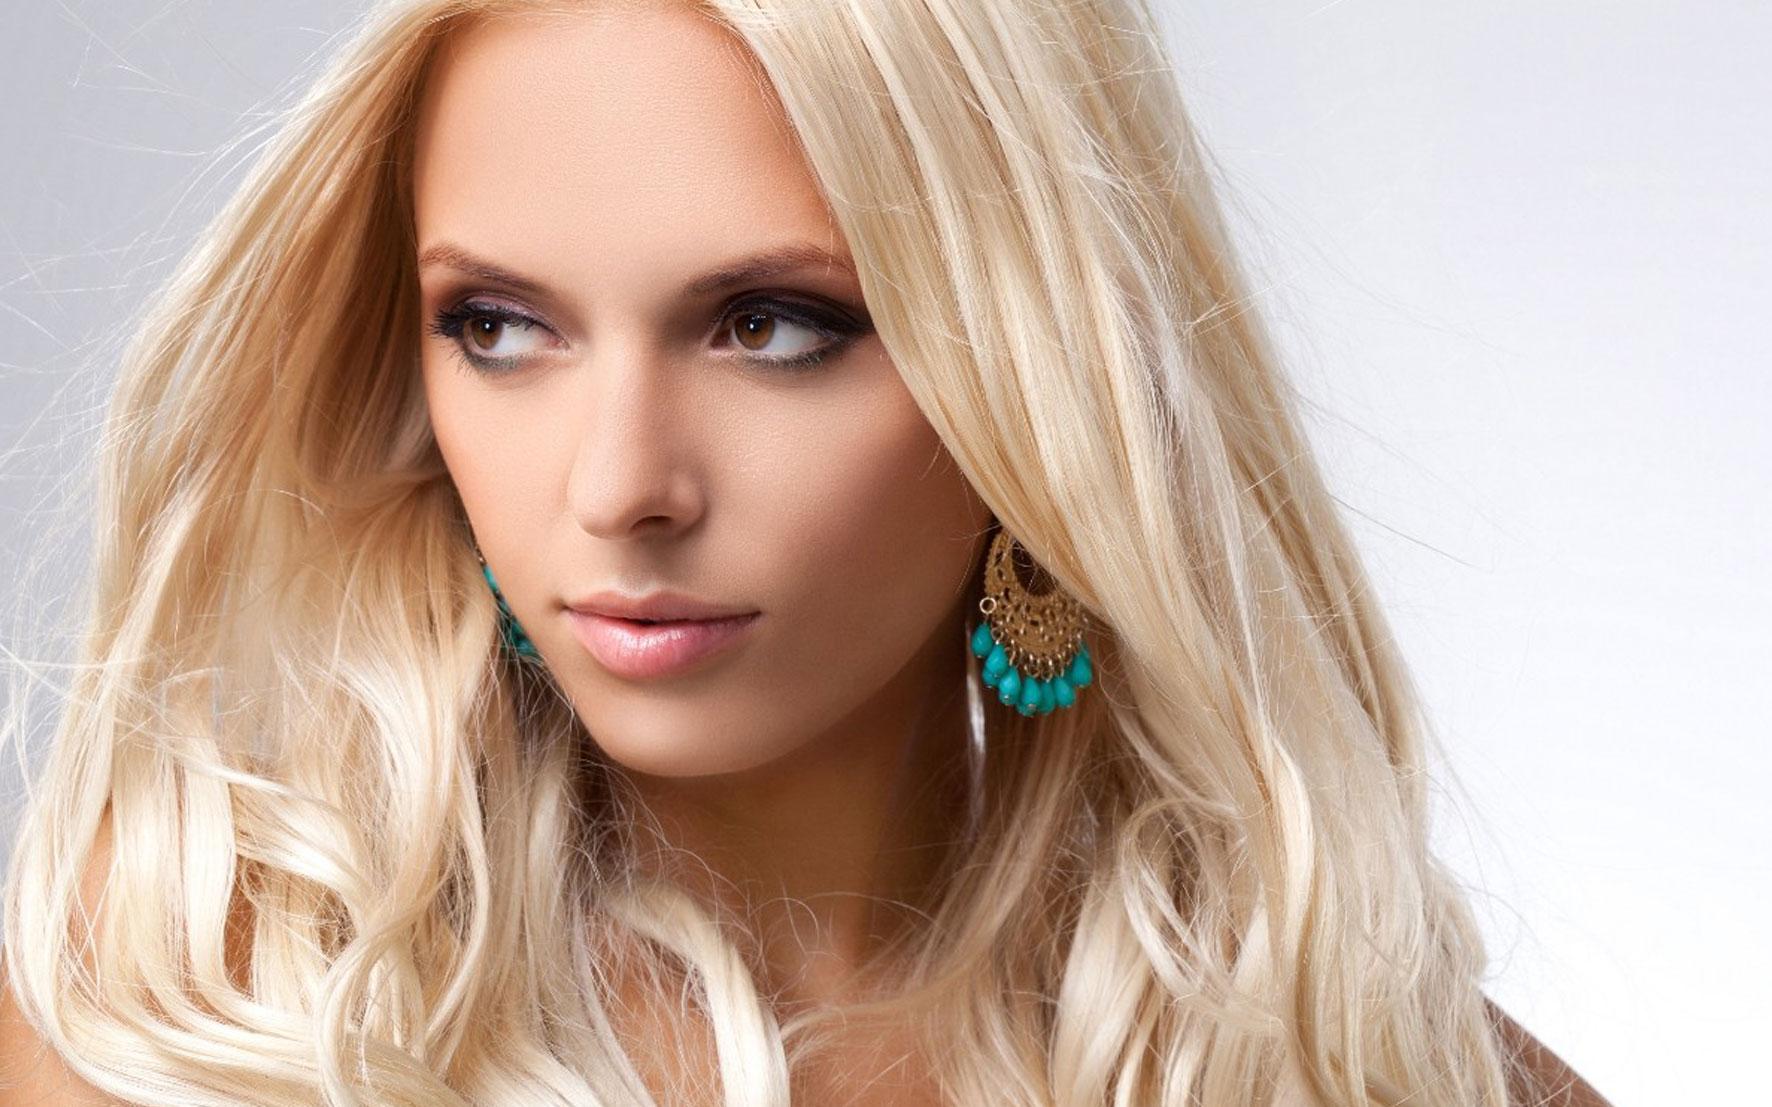 Блондирование как способ окрашивания волос в светлые тона